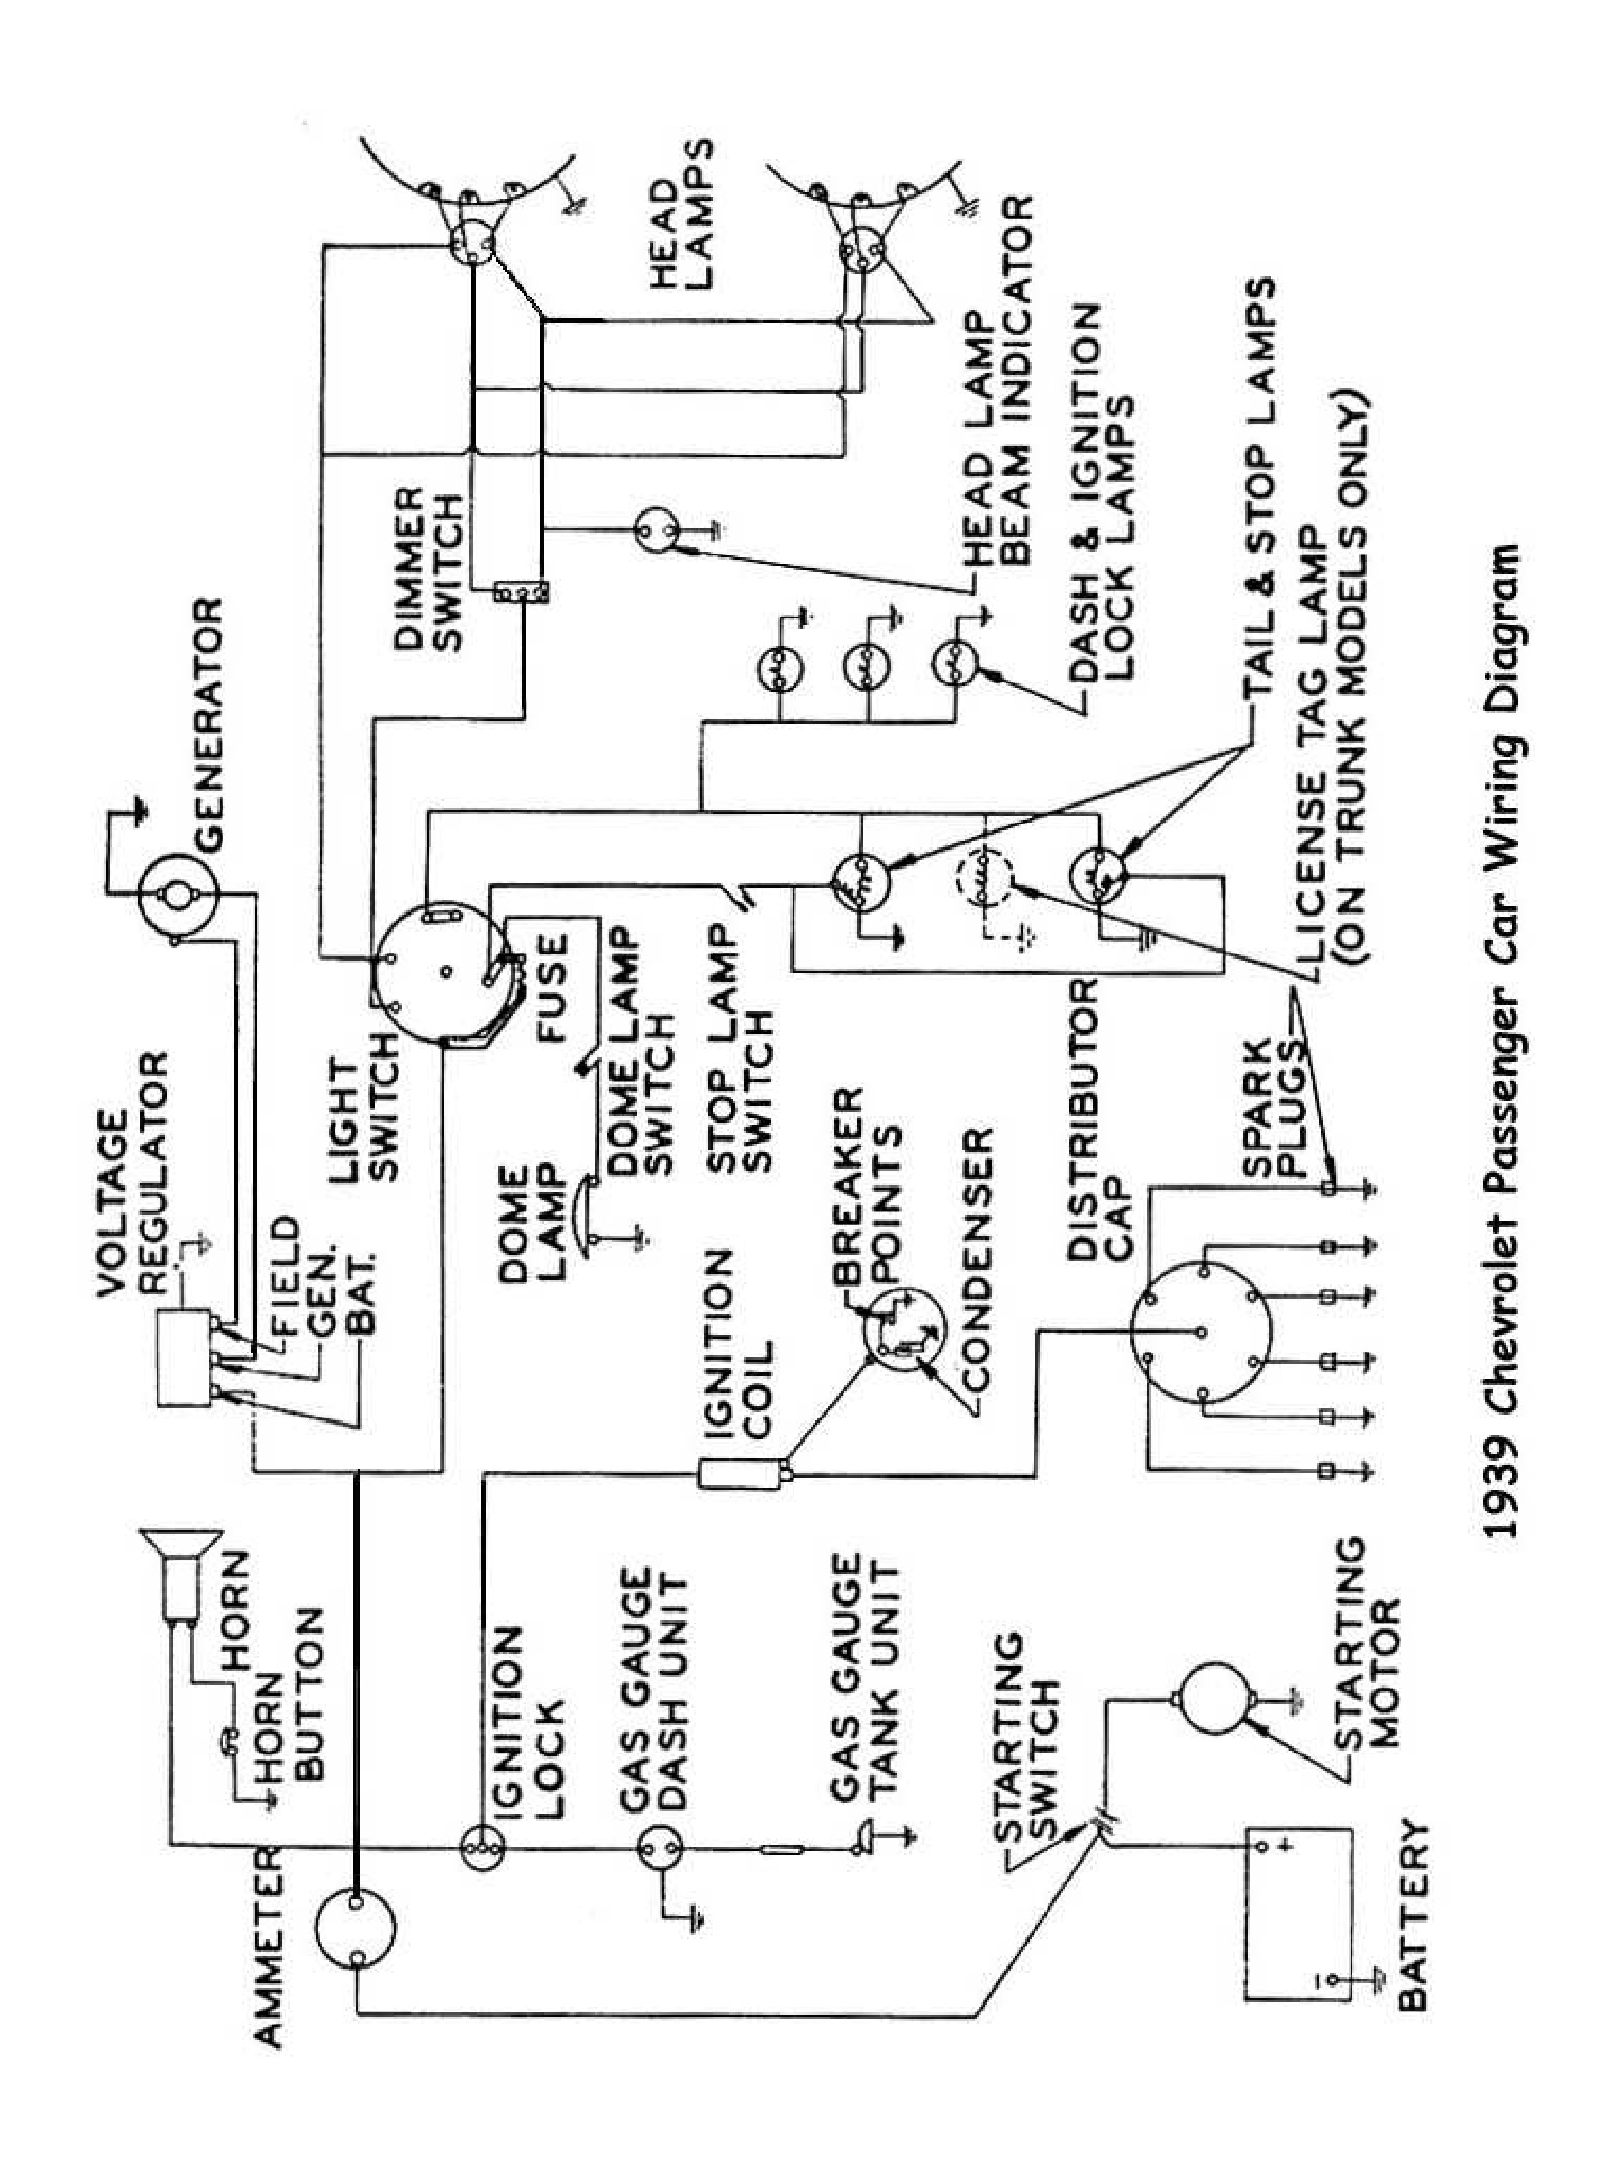 2005 dodge ram power seat wiring diagram